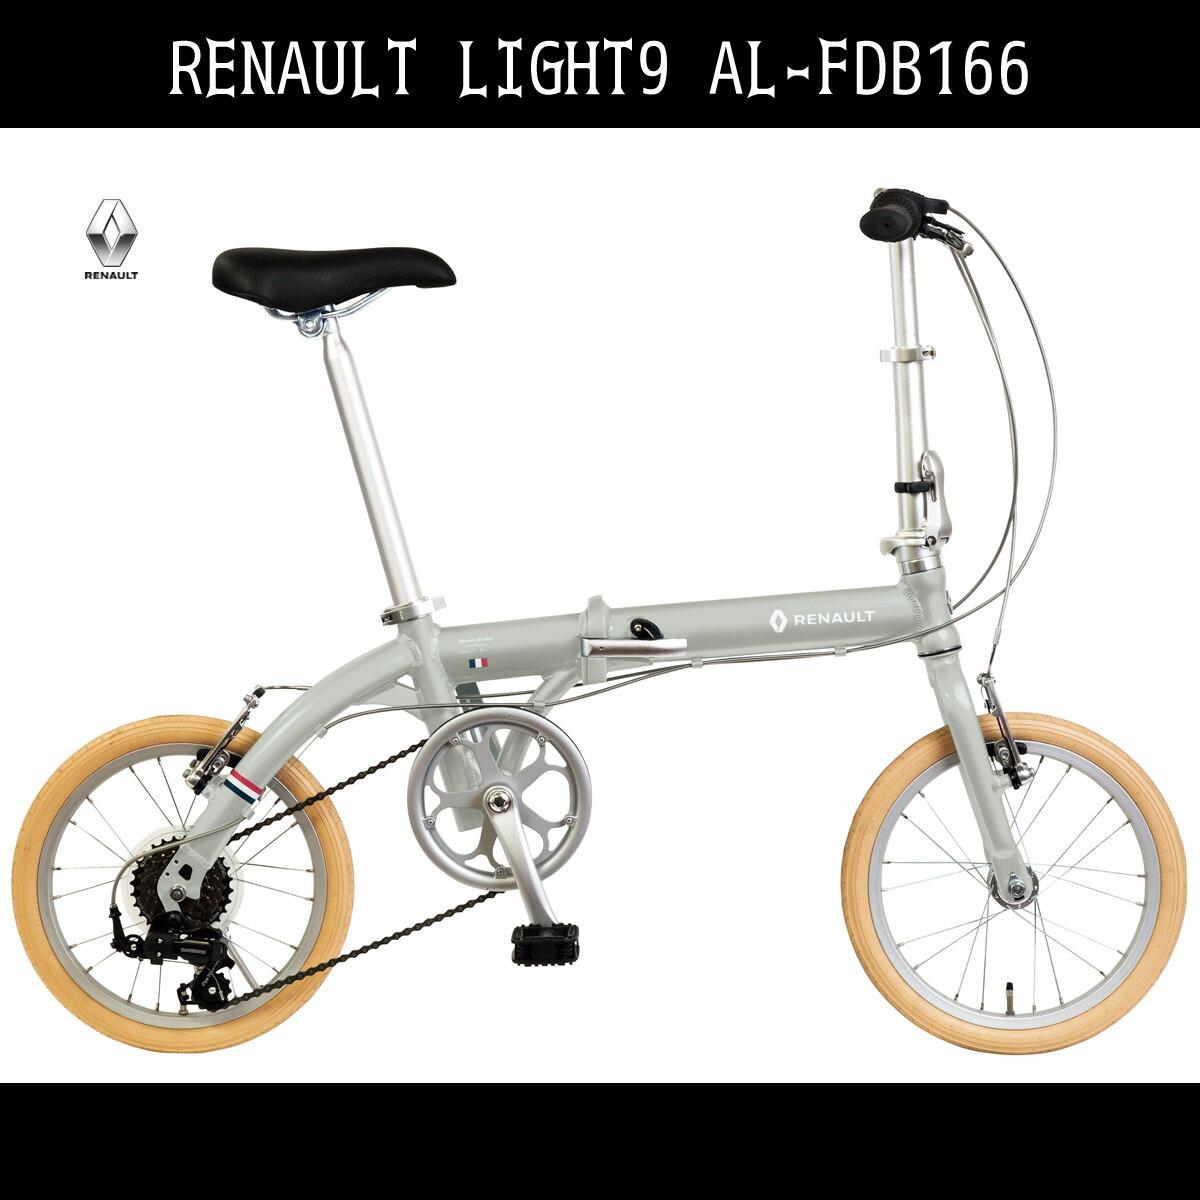 折りたたみ自転車 ルノー RENAULT 自転車 折りたたみ自転車 グレー16インチ 折りたたみ自転車 軽量 外装6段変速ギア付き ルノー LIGHT9 AL-FDB166 ライトナイン アルミニウム 軽量